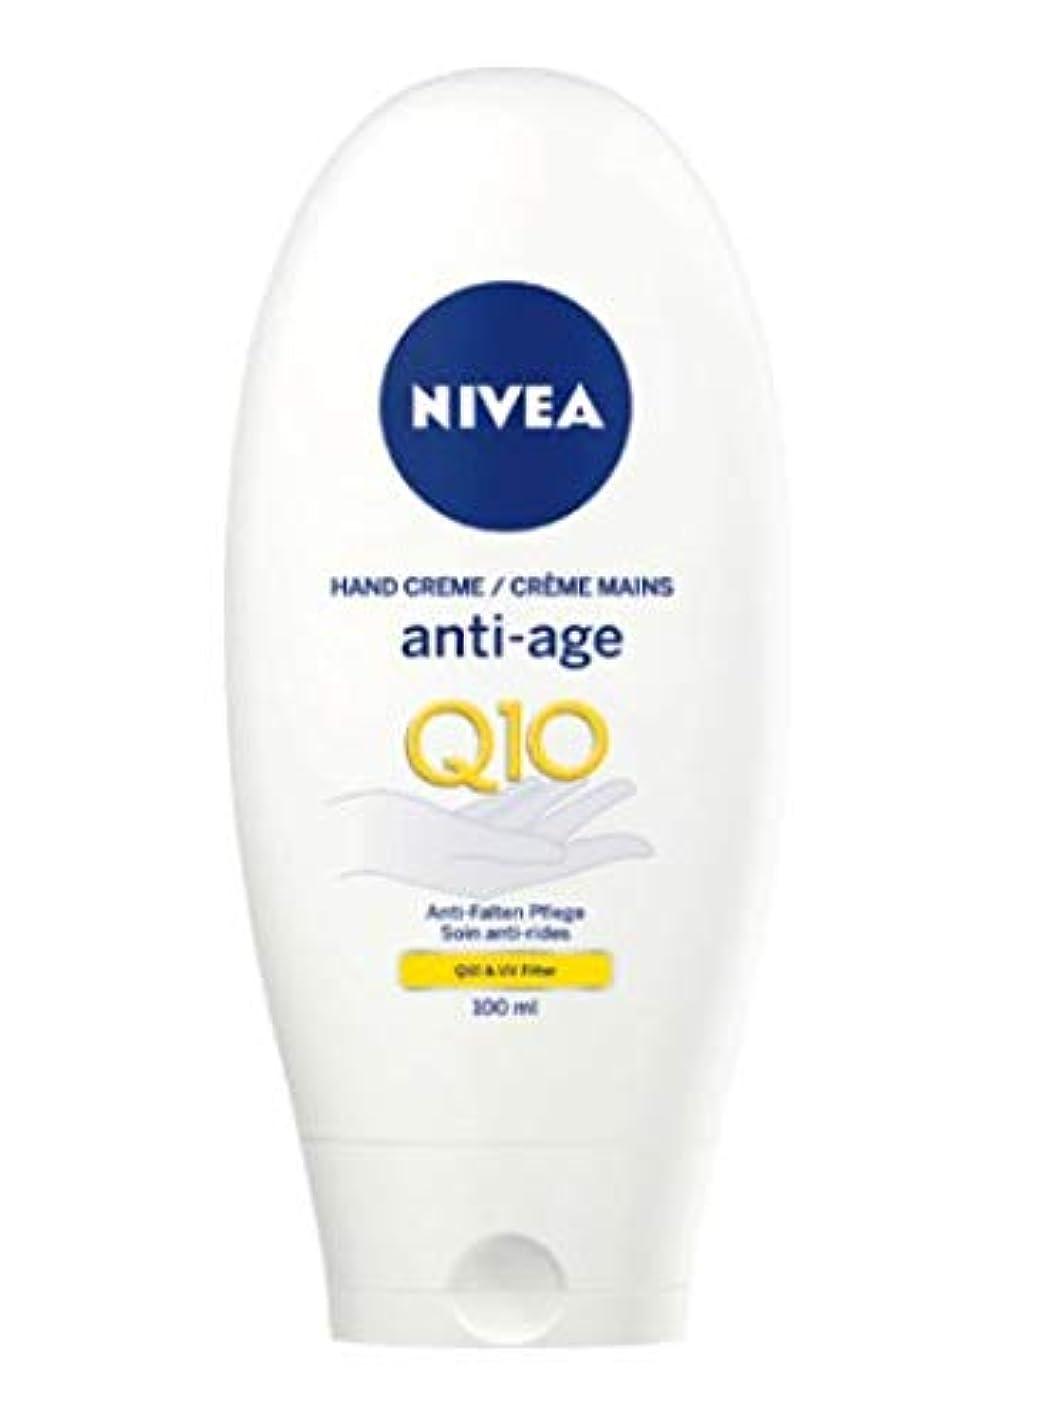 リスキーな医療の気分ニベア Nivea Q10 ハンドクリーム 100ml [並行輸入品]